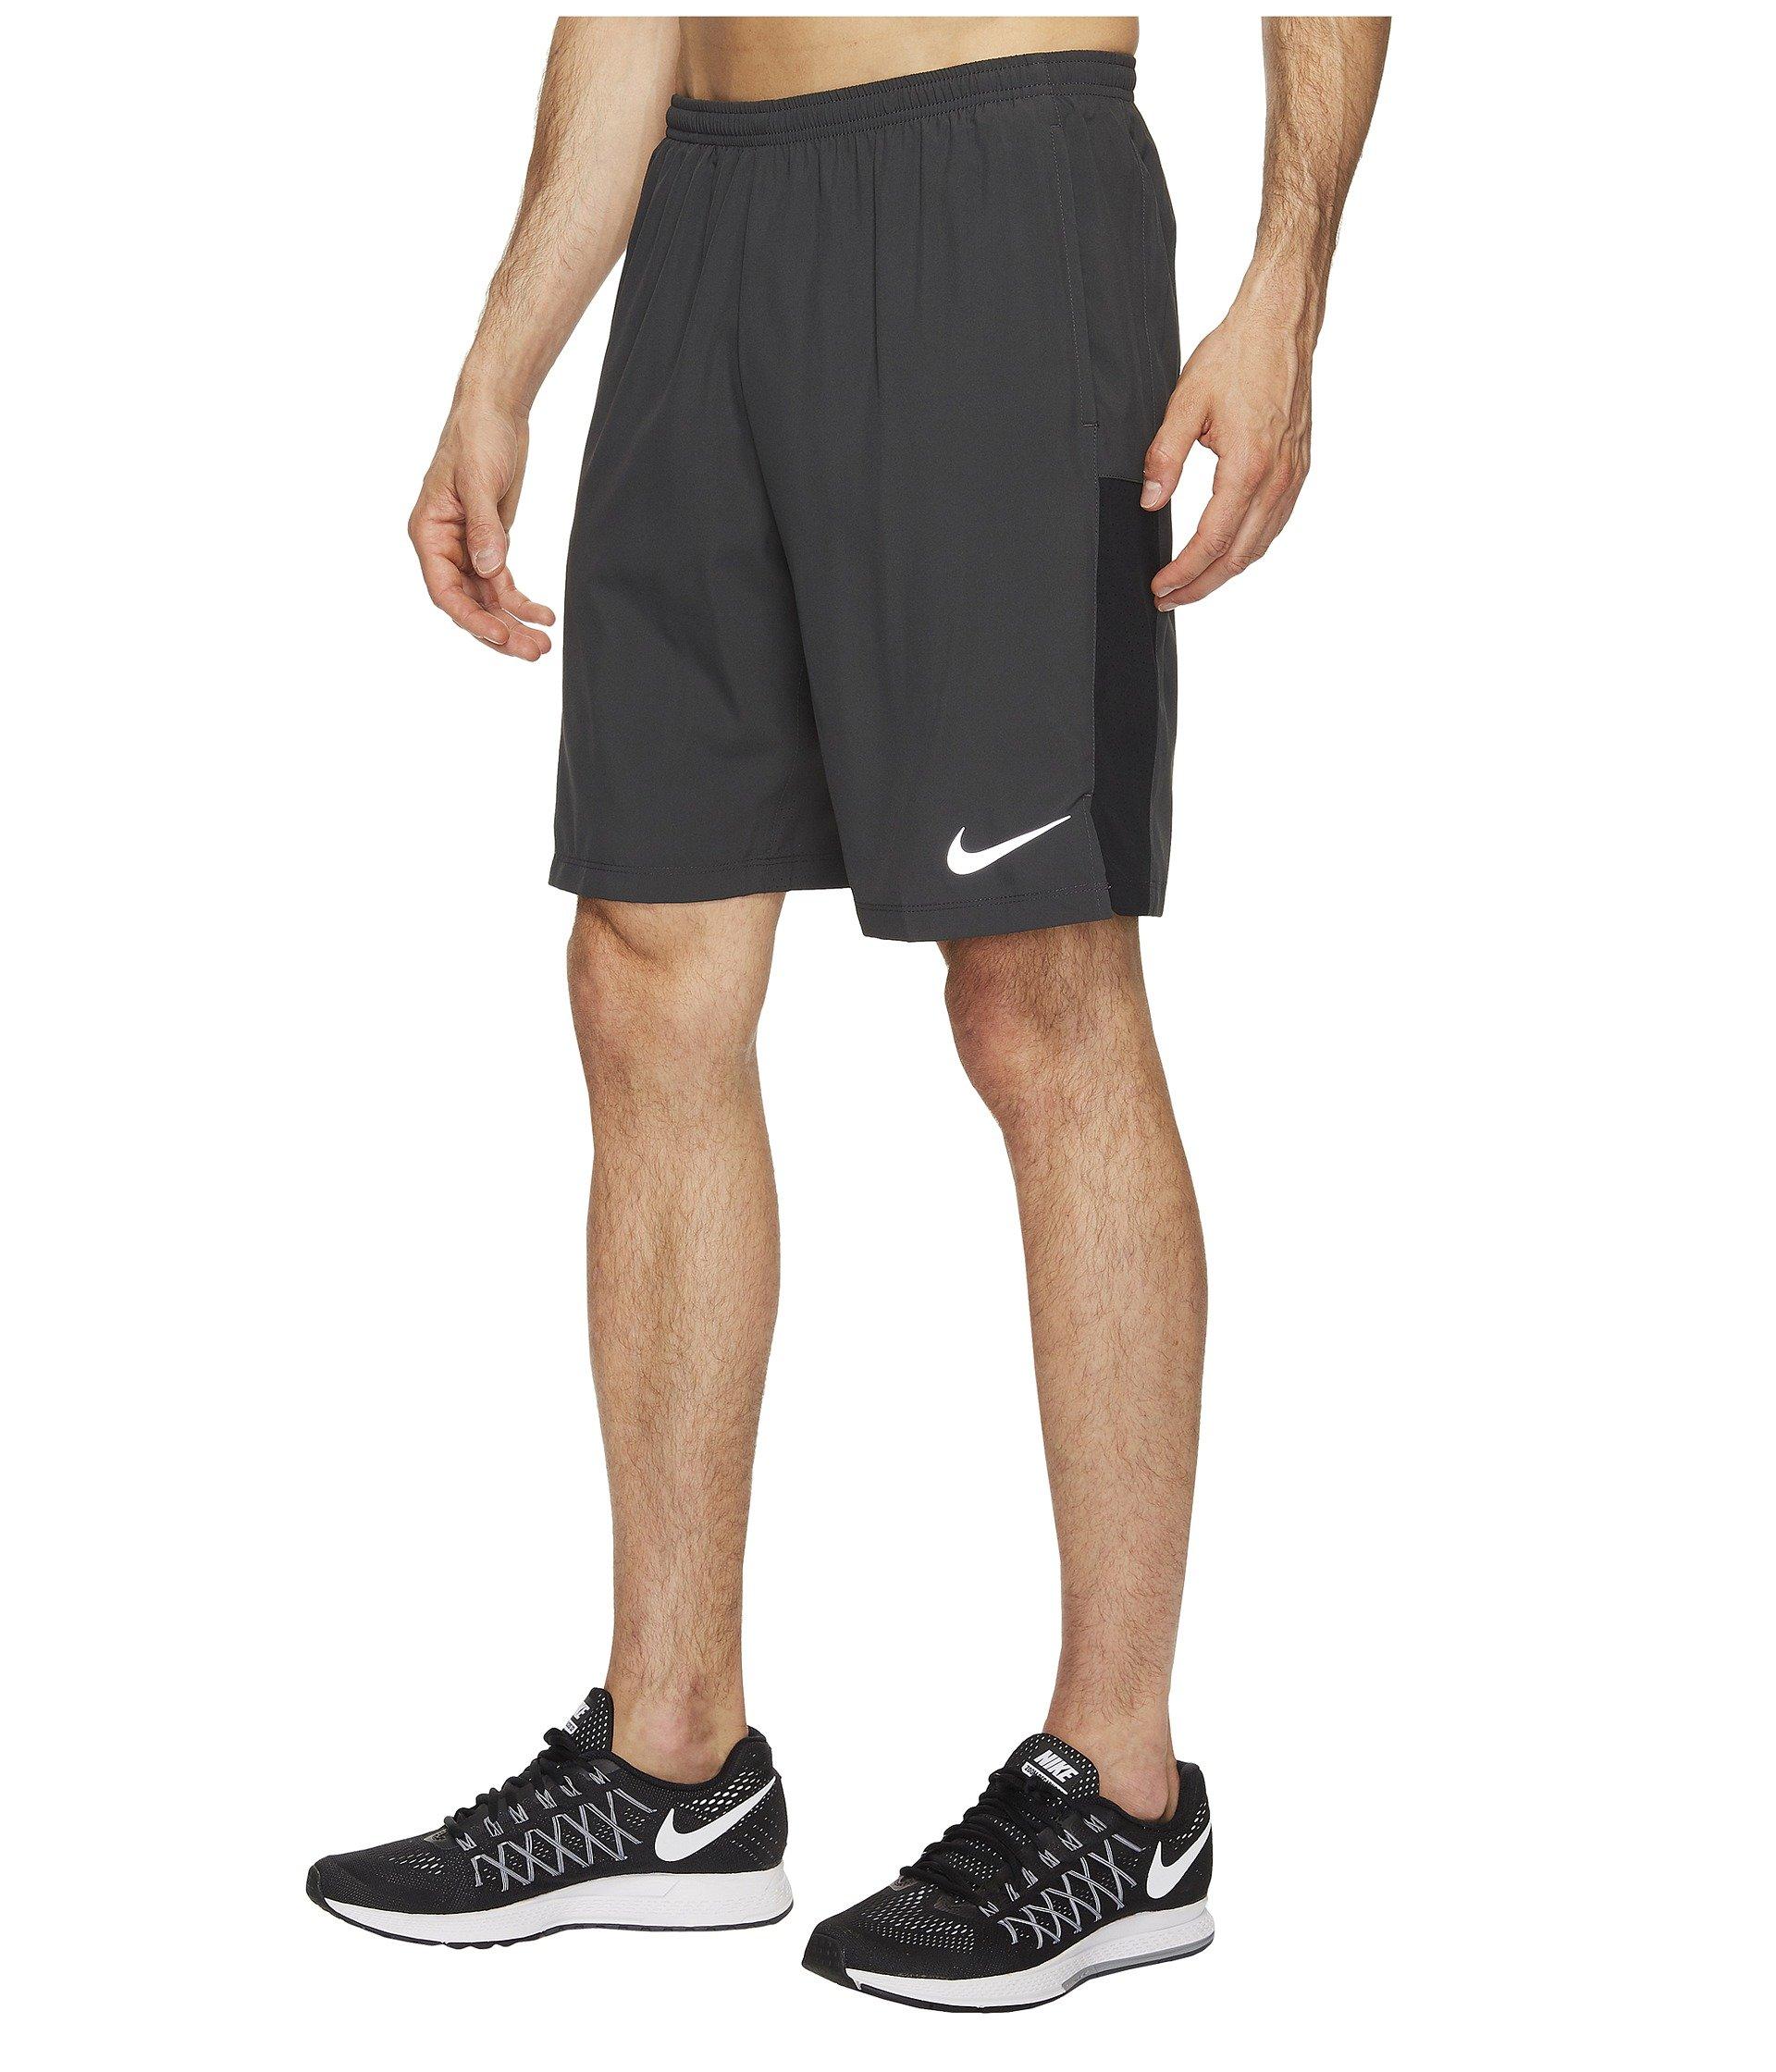 nike 9 running shorts